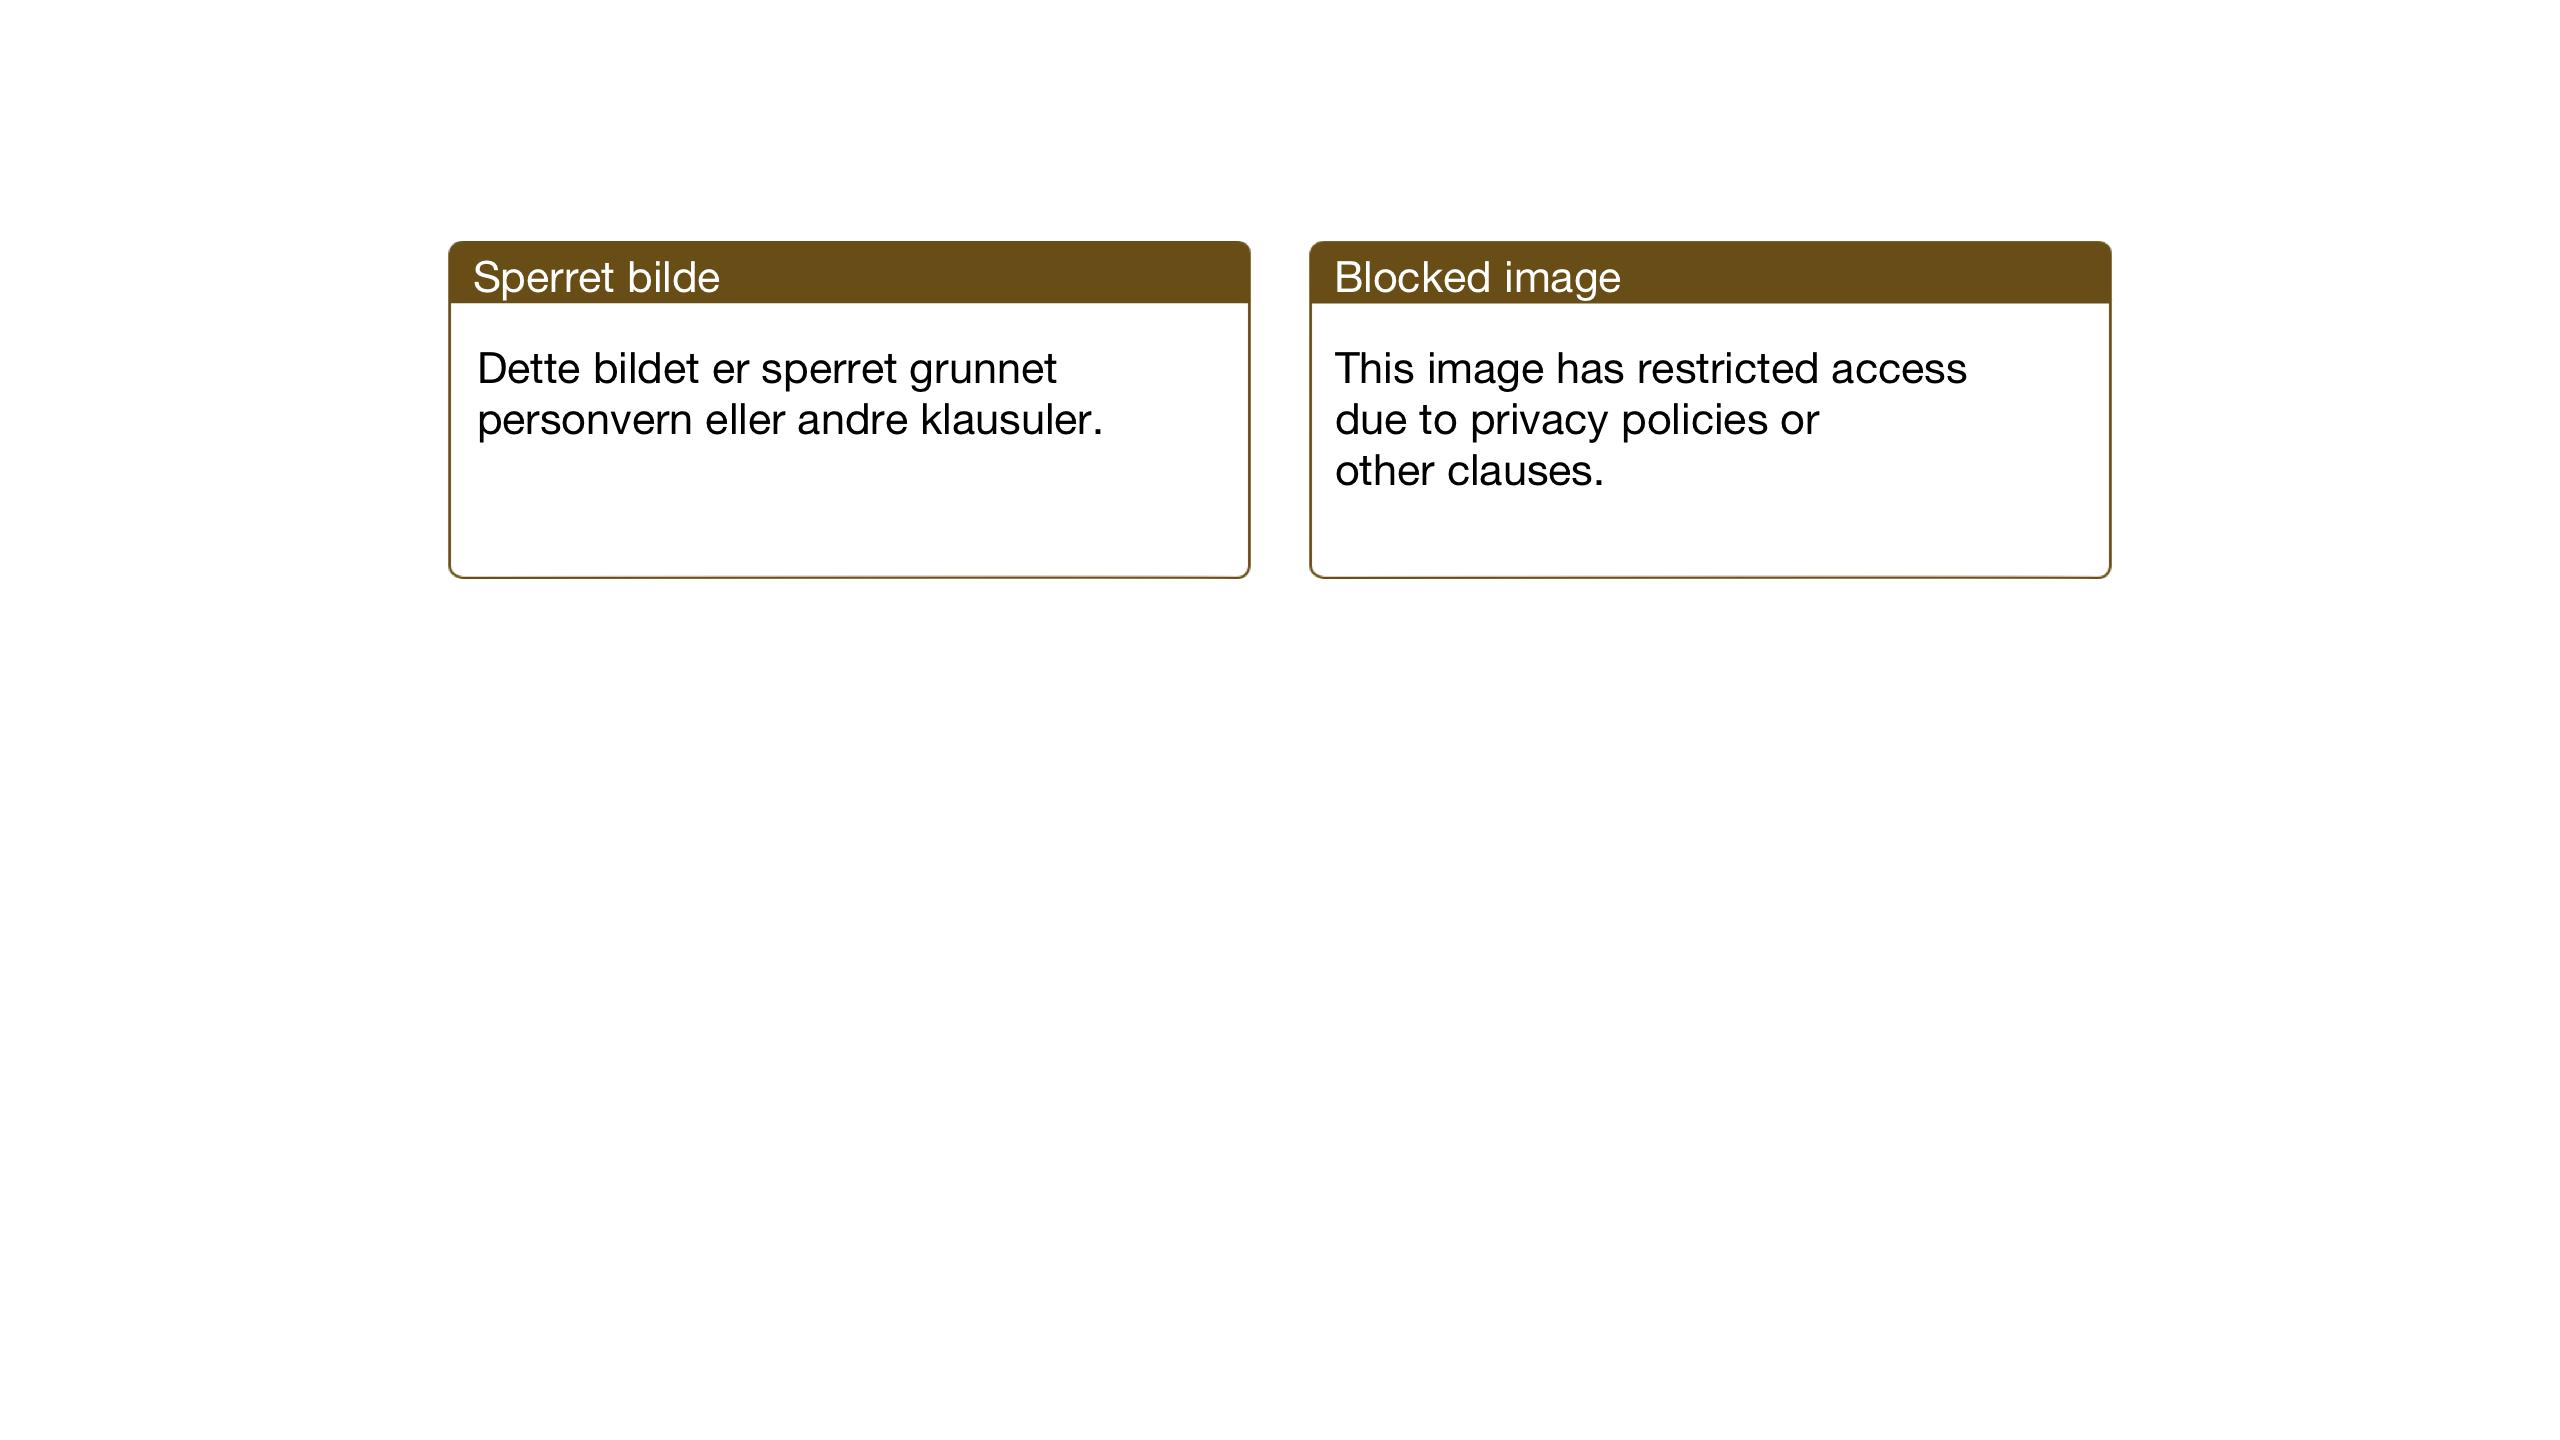 SAT, Ministerialprotokoller, klokkerbøker og fødselsregistre - Nord-Trøndelag, 755/L0500: Klokkerbok nr. 755C01, 1920-1962, s. 86